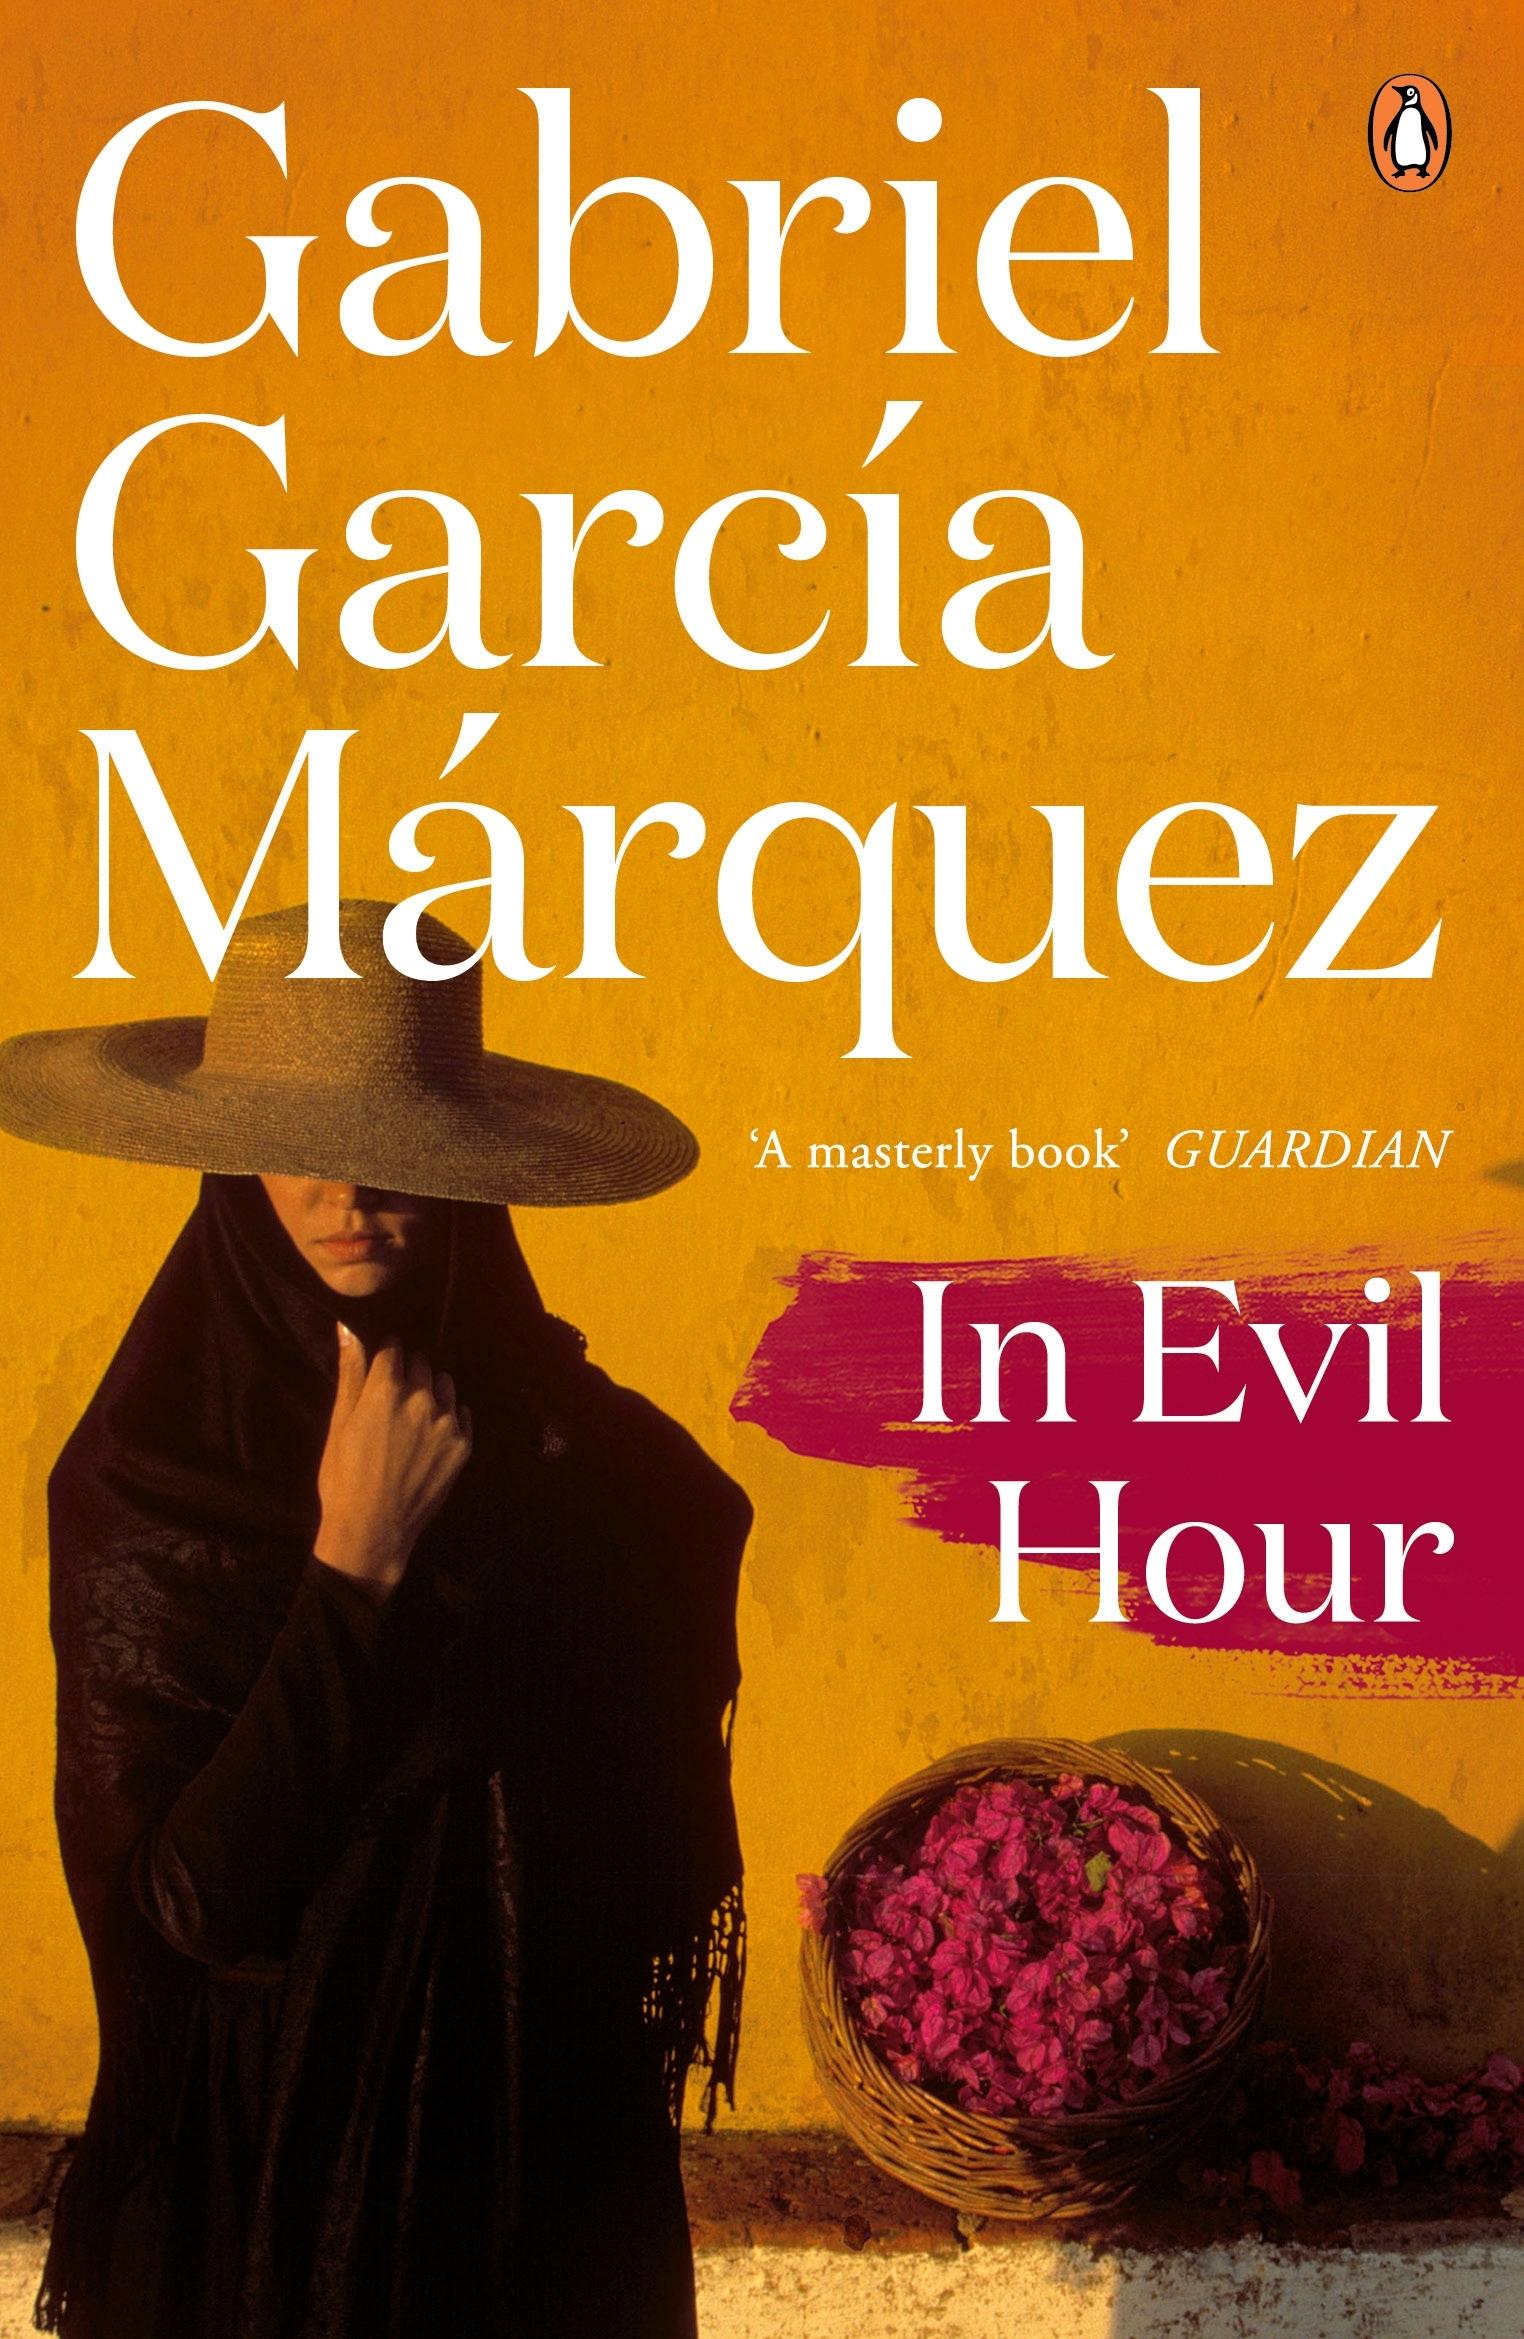 Αποτέλεσμα εικόνας για in evil hour gabriel garcia marquez